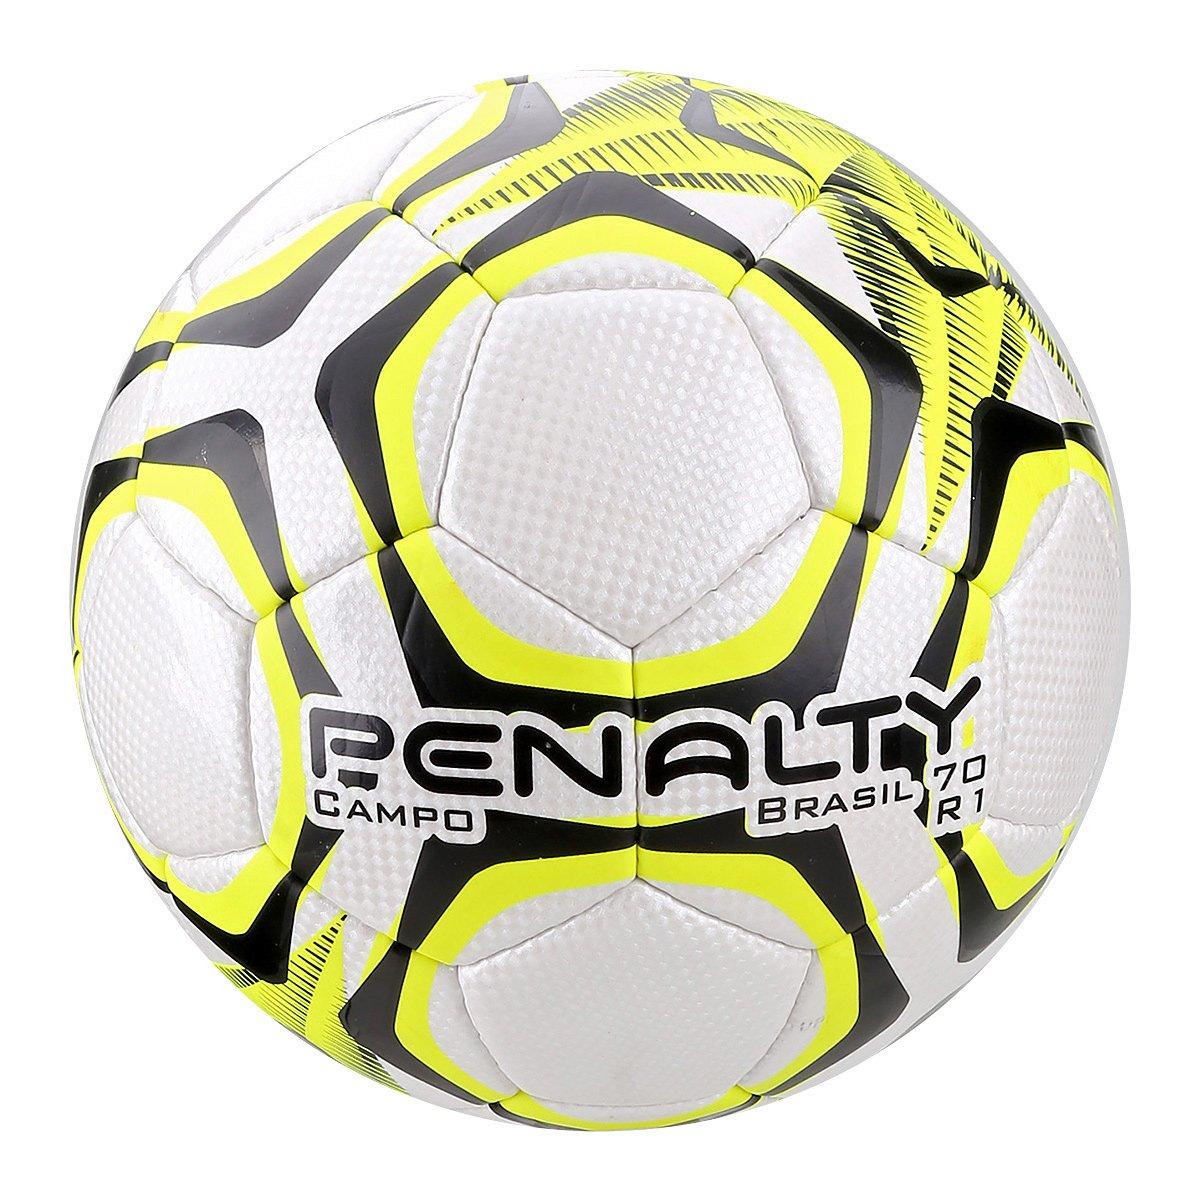 15d5c719ee Bola de Futebol Campo Penalty Brasil 70 R1 LX